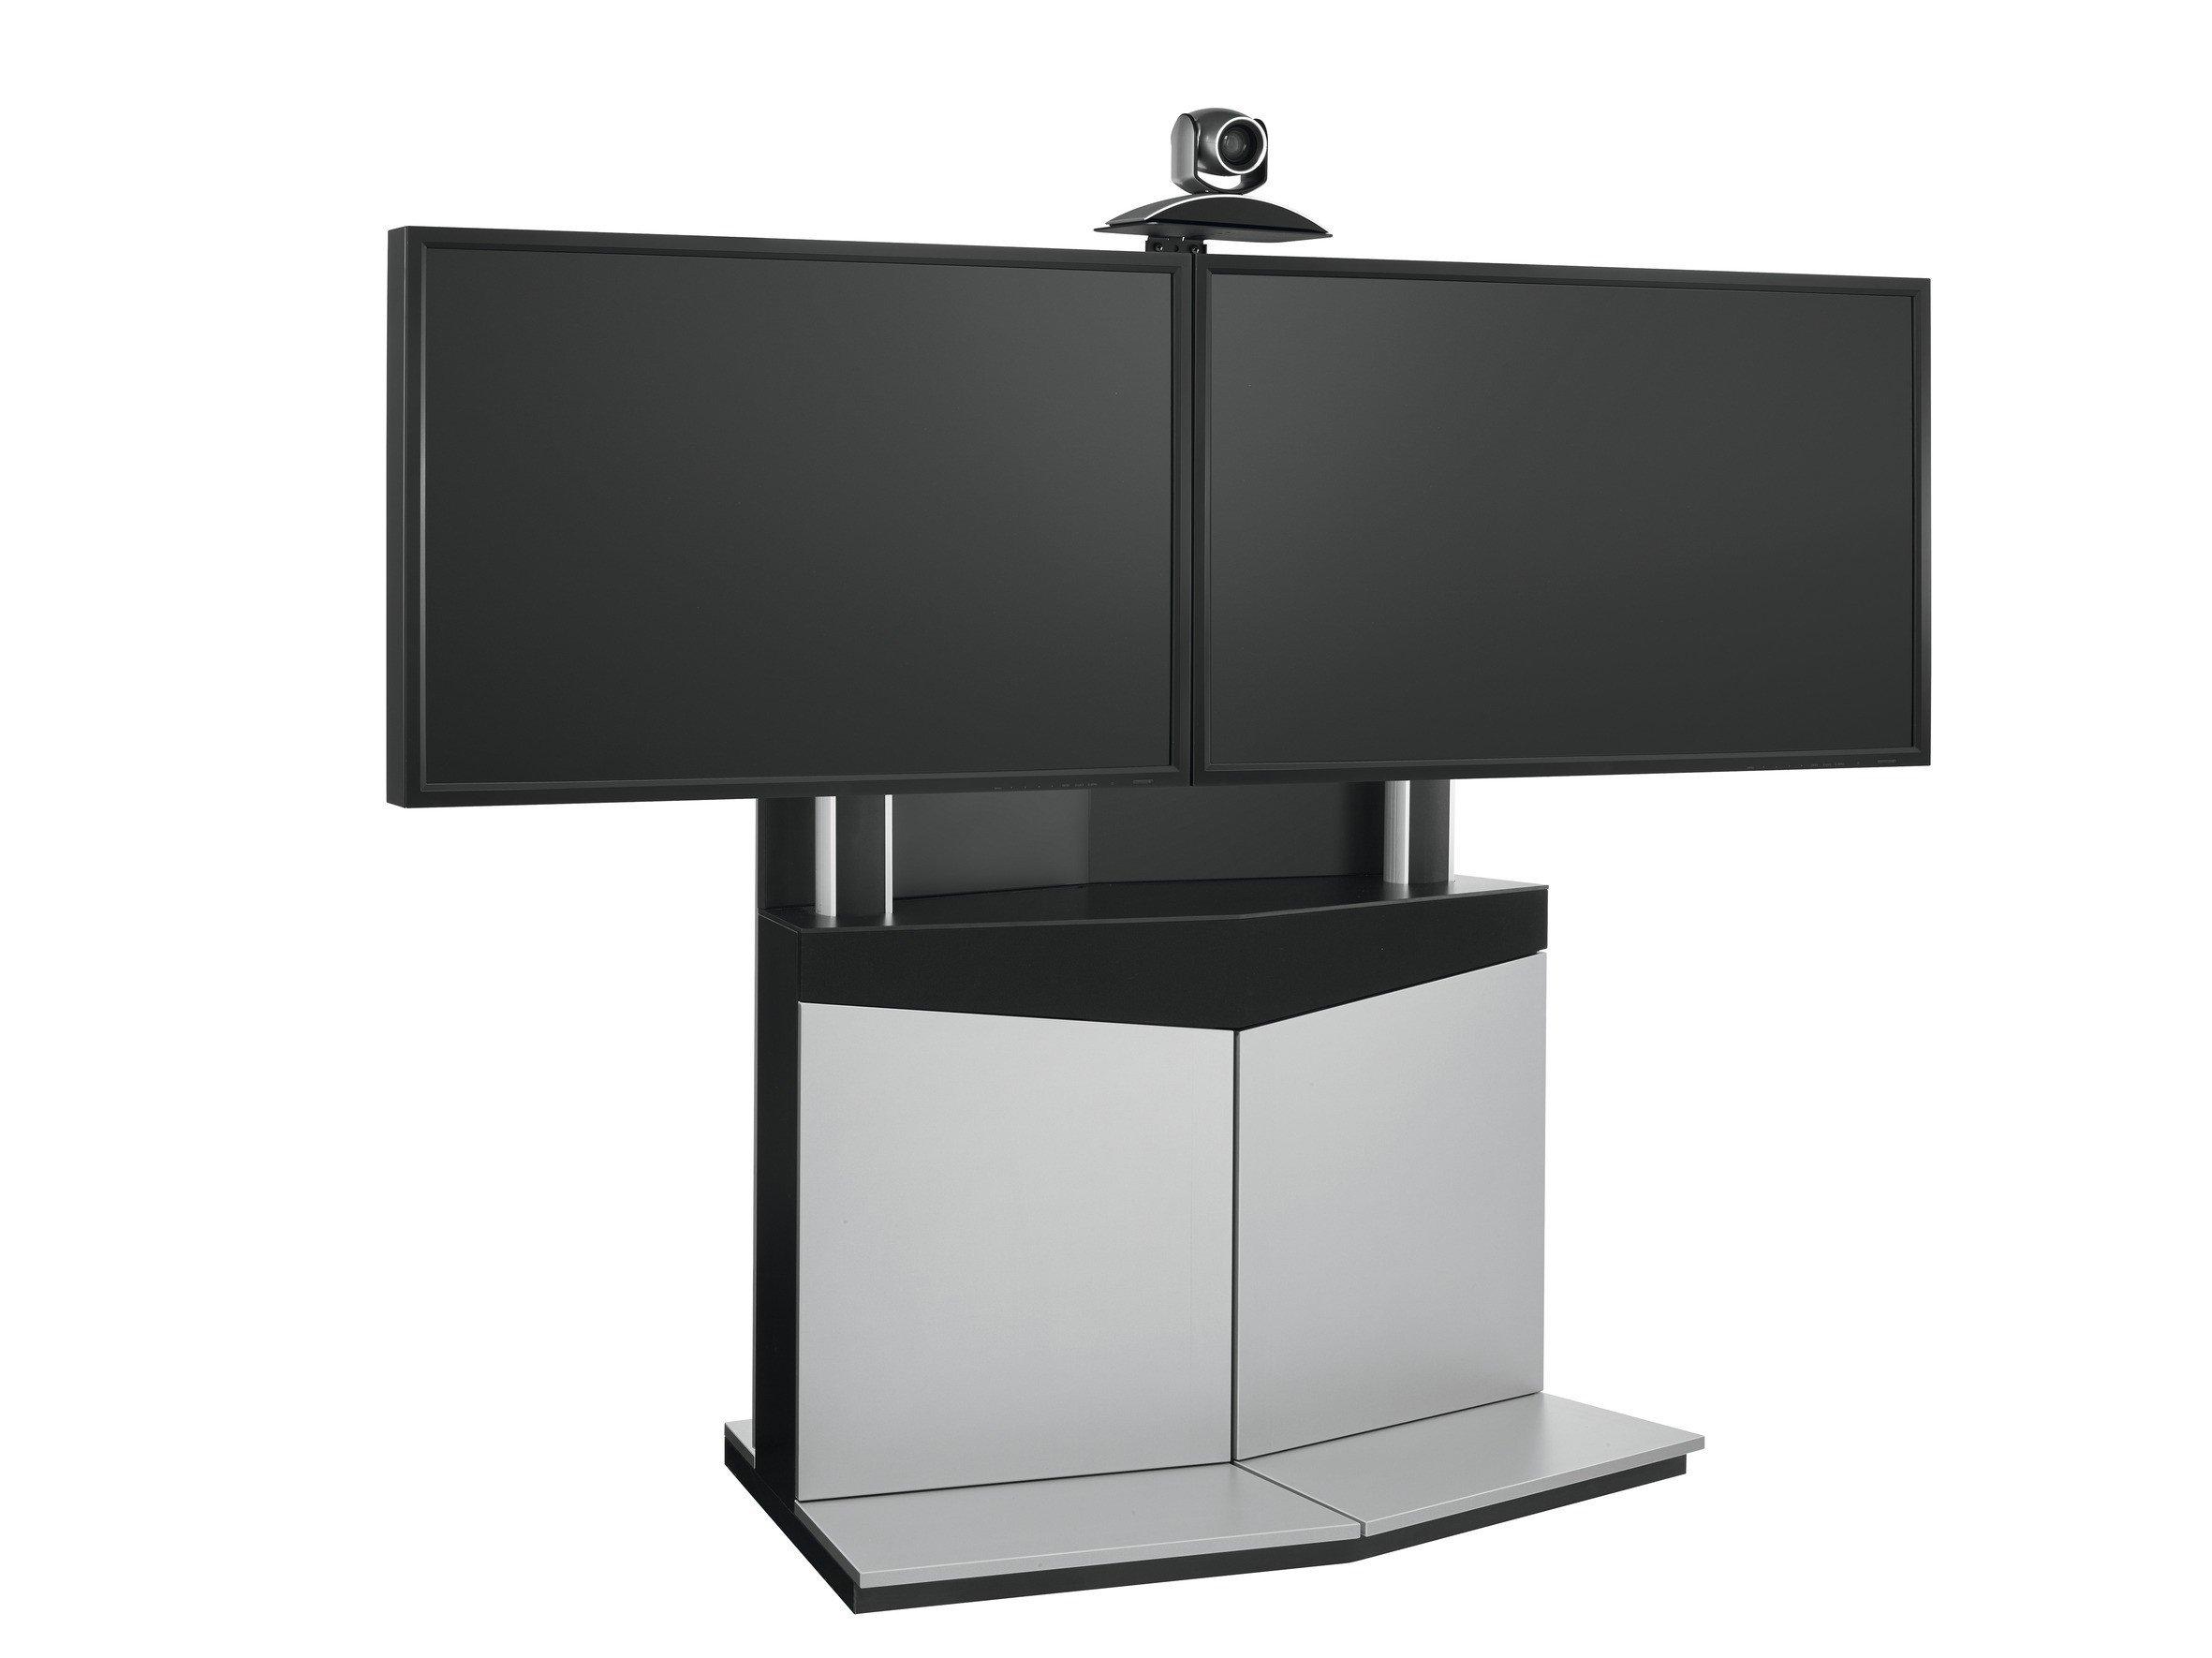 PFF 5211 Многофункциональный мобильный стенд для двух панелейдля видеоконференций(полная комплектация)